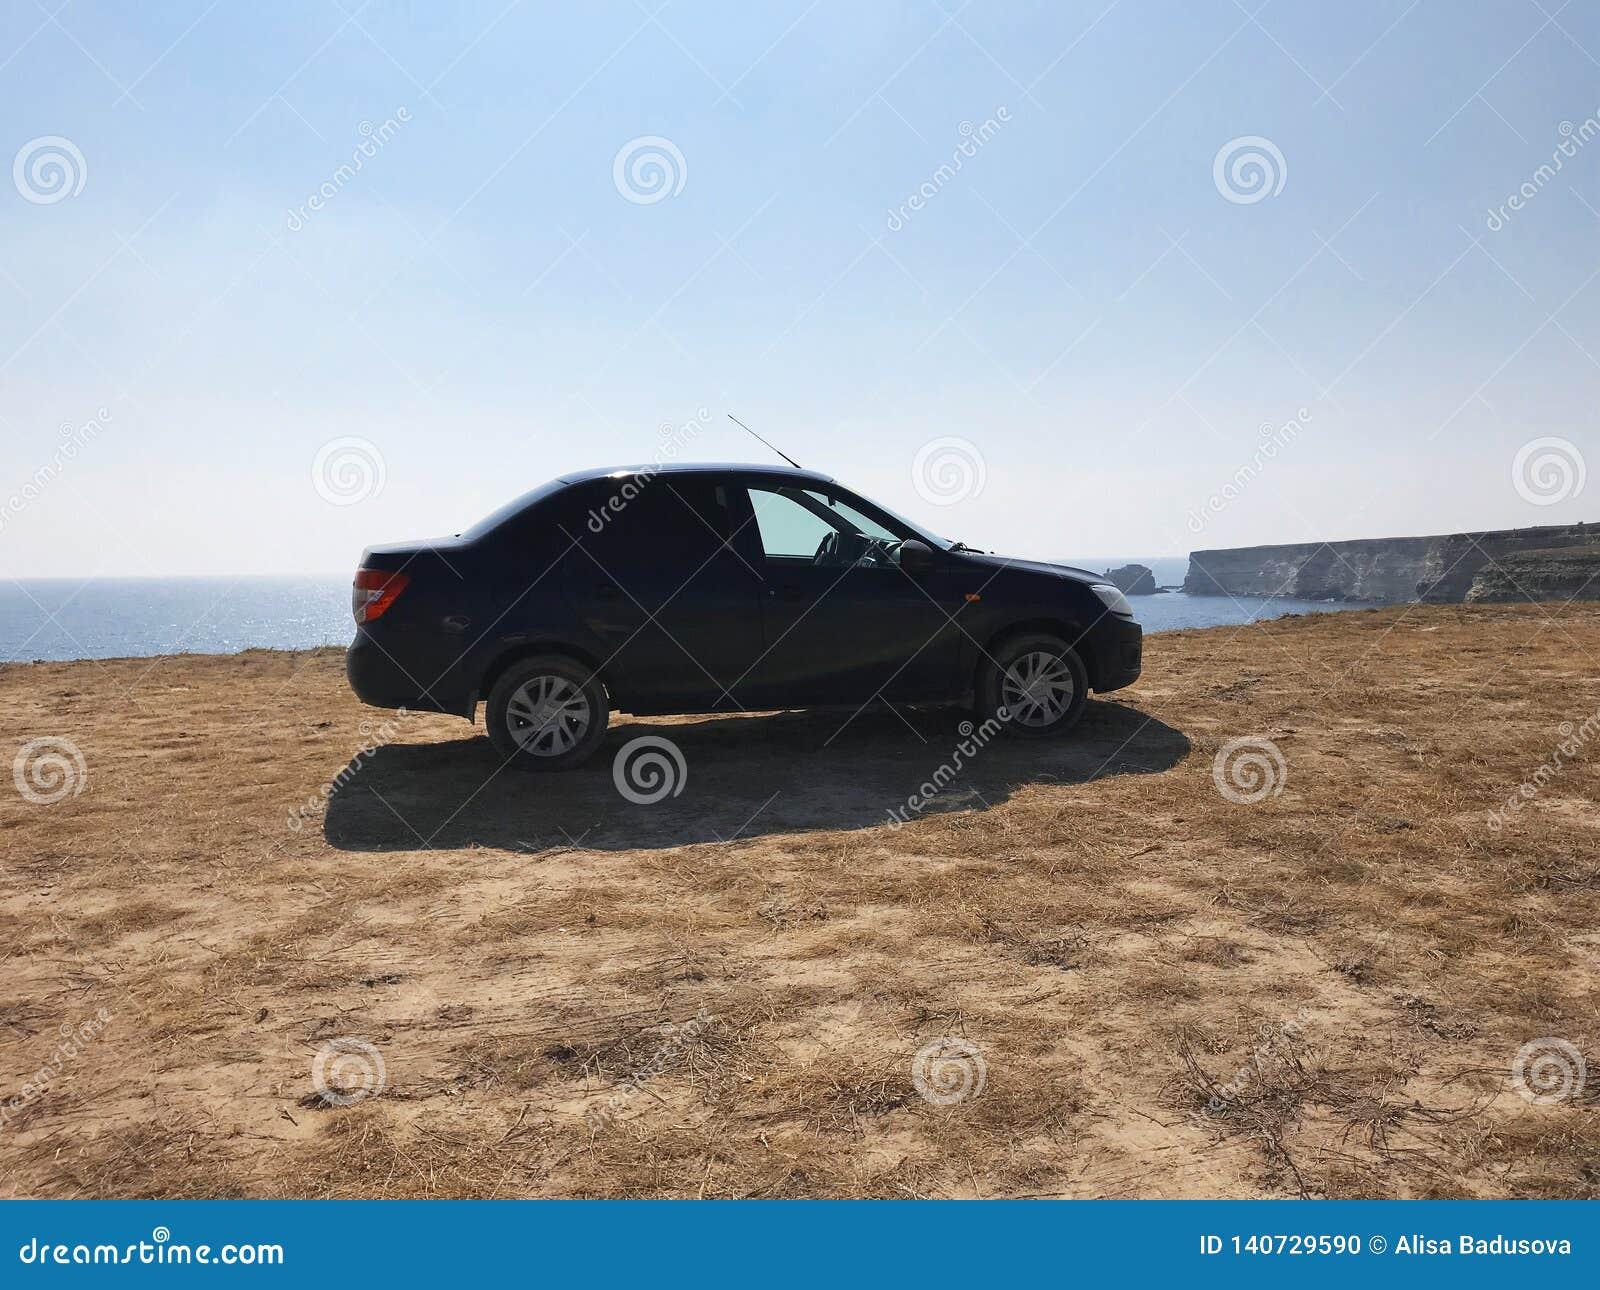 L image devant la scène de voiture de sport derrière comme soleil se couchant avec des turbines de vent dans le dos